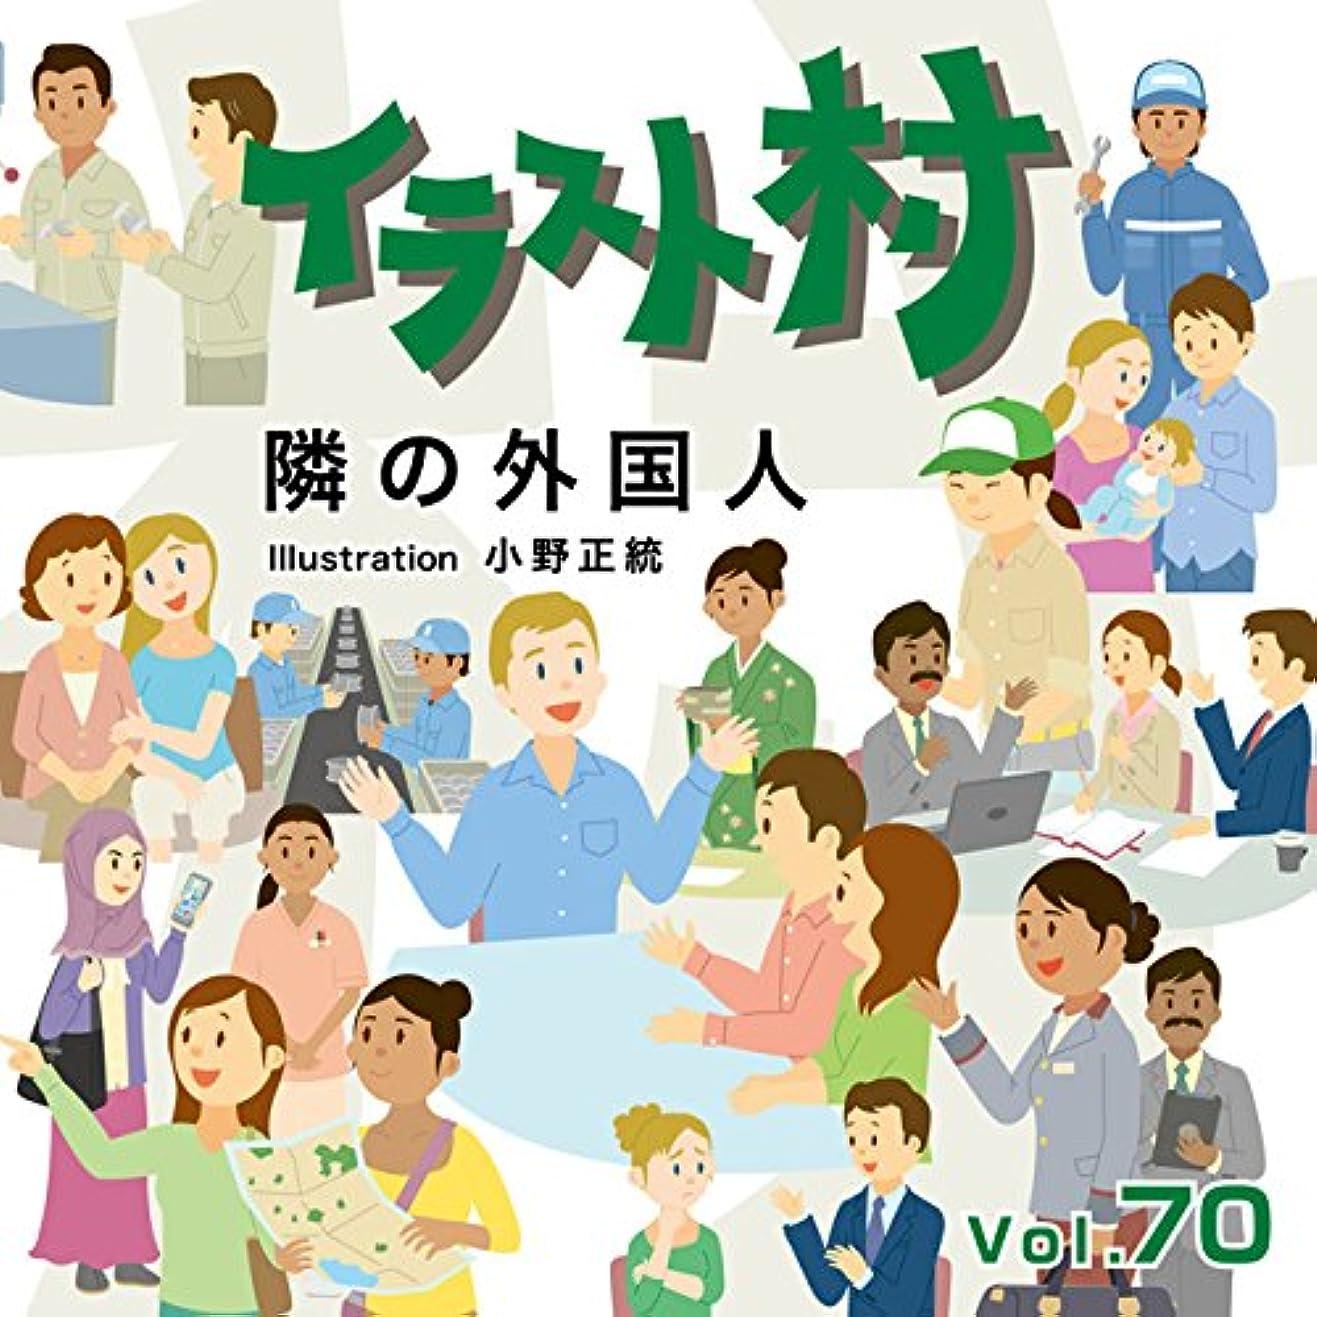 伝染病の量フレームワークイラスト村 Vol.70 隣の外国人